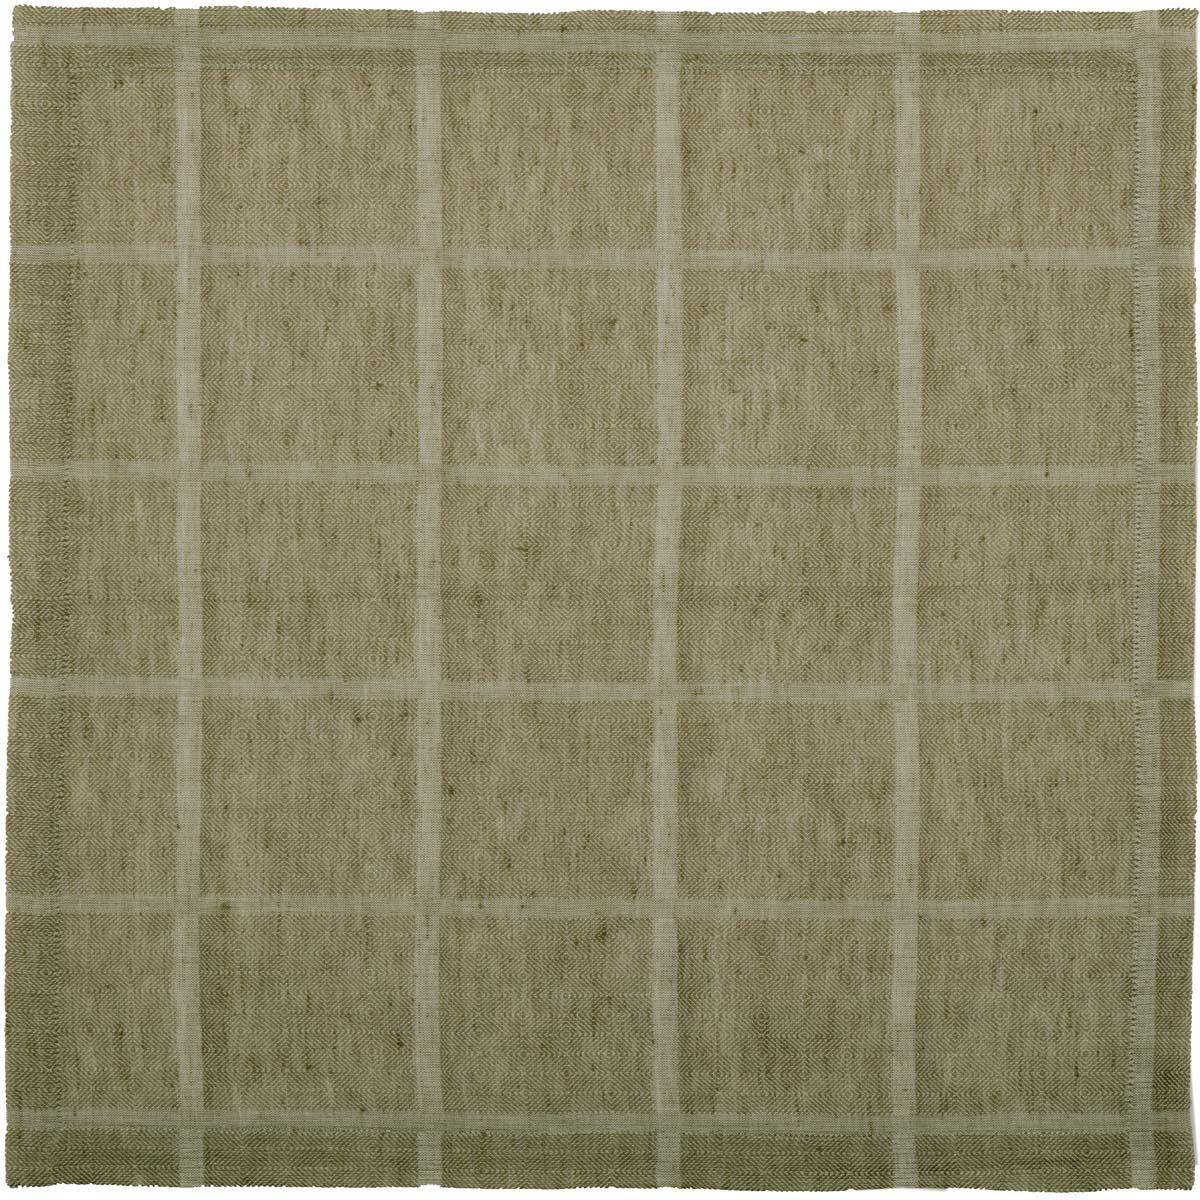 Farmhouse Country Napkin Lot Set 6 Dinner Table Decorative Cotton Linen 4 Colors